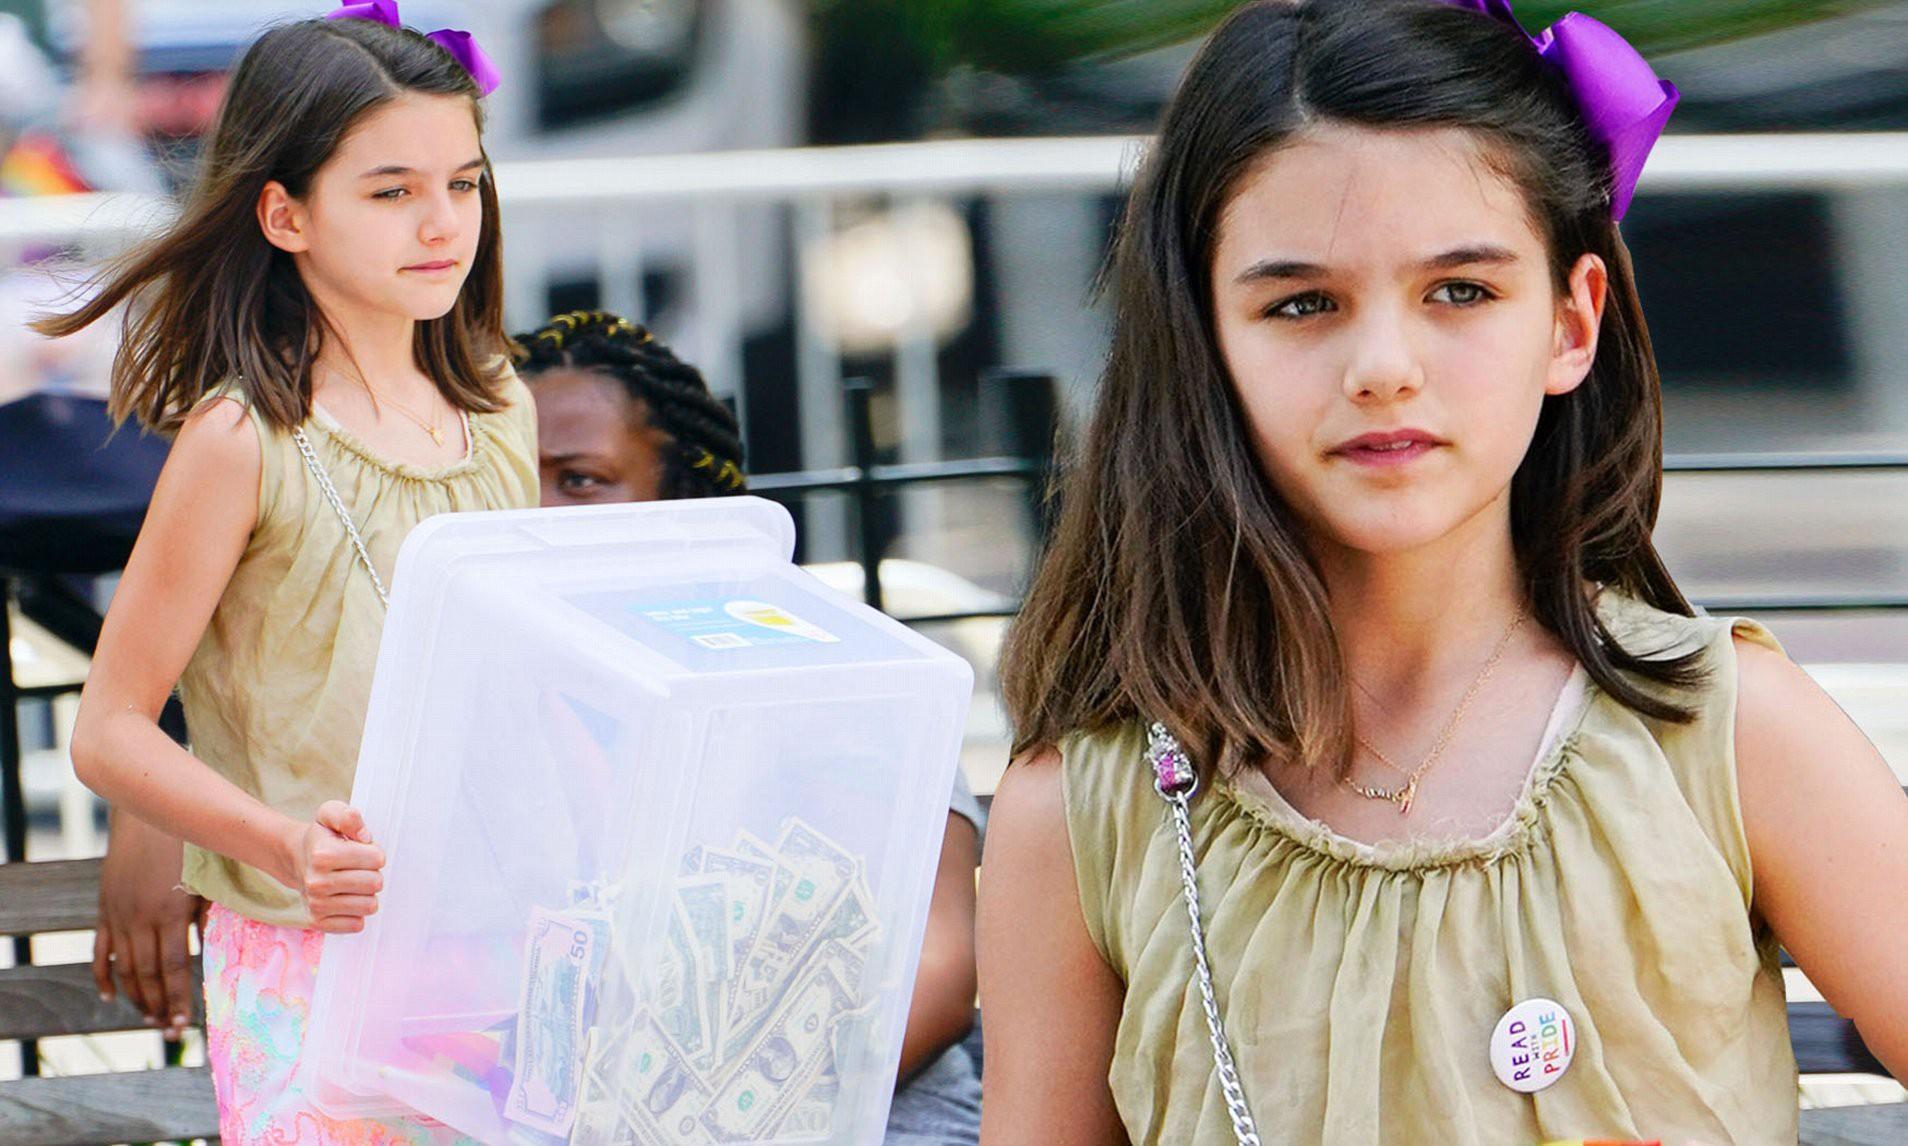 Những cô công chúa nổi tiếng nhà sao Hollywood ngày ấy nay đã lớn: Suri Cruise, Harper Beckham lột xác ngoạn mục - Ảnh 5.